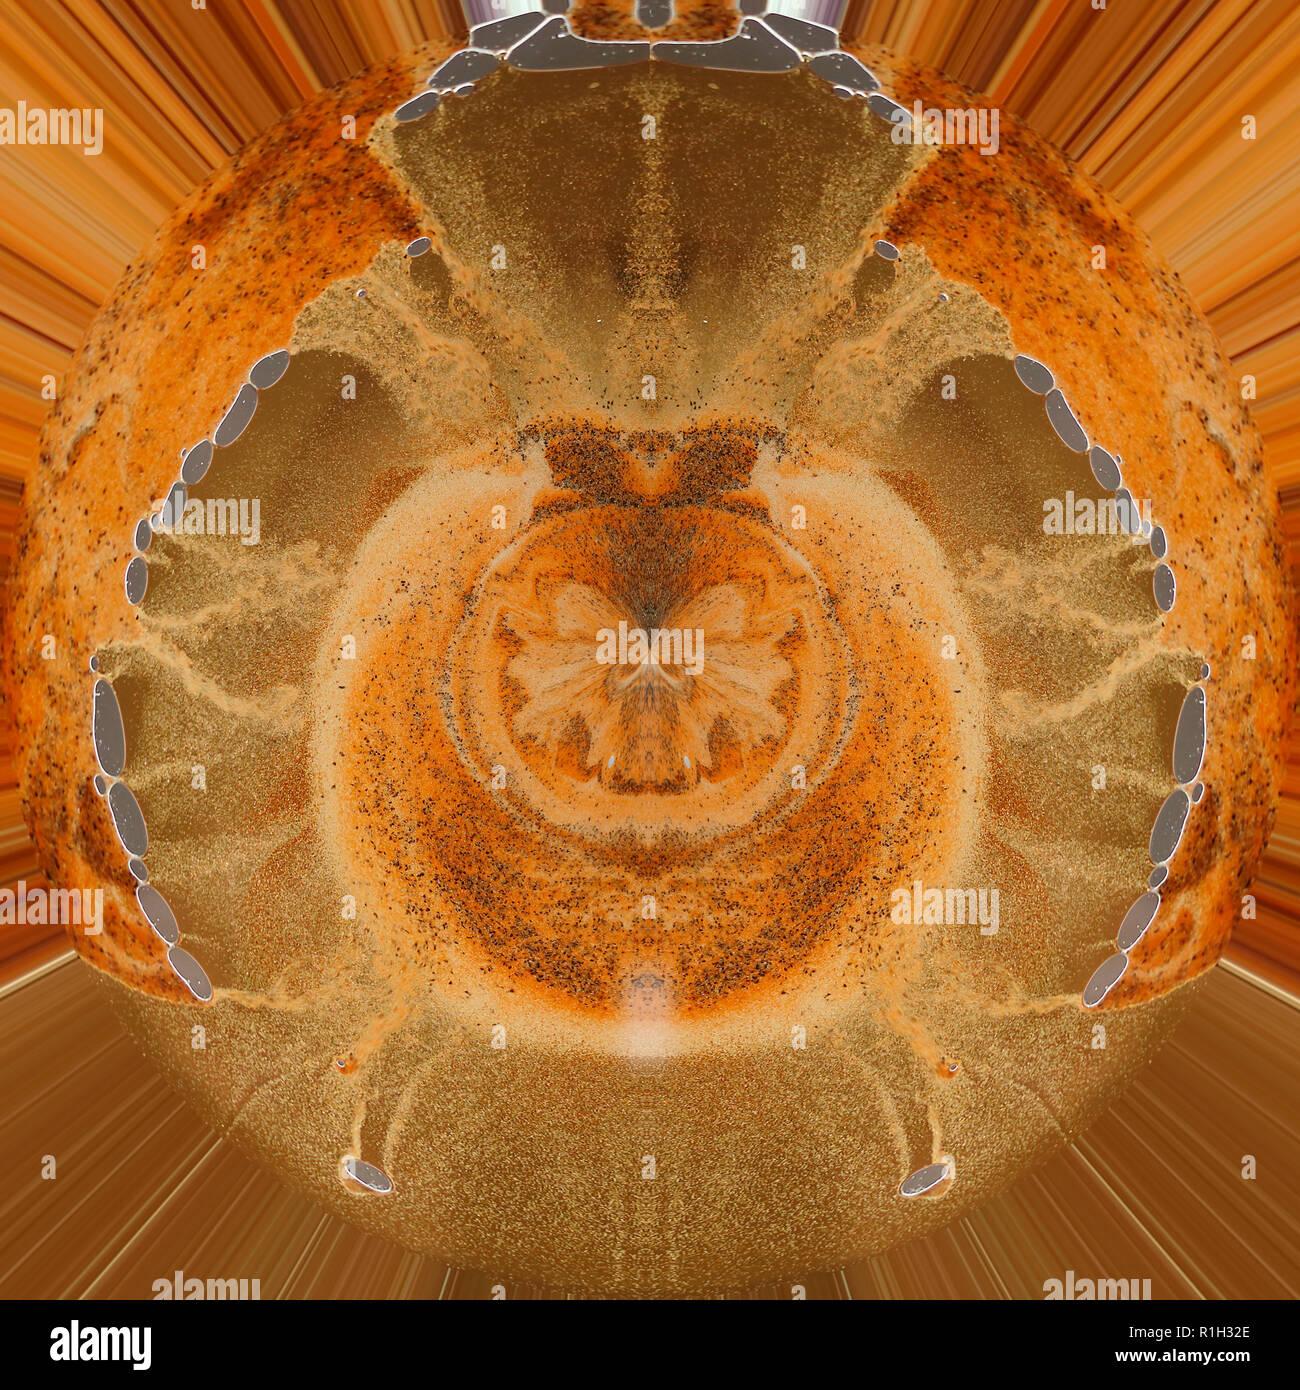 Futuristischer Hintergrund in den Farben Orange, gelb, ocker, sieht aus wie ein Scarabäus Käfer - Stock Image